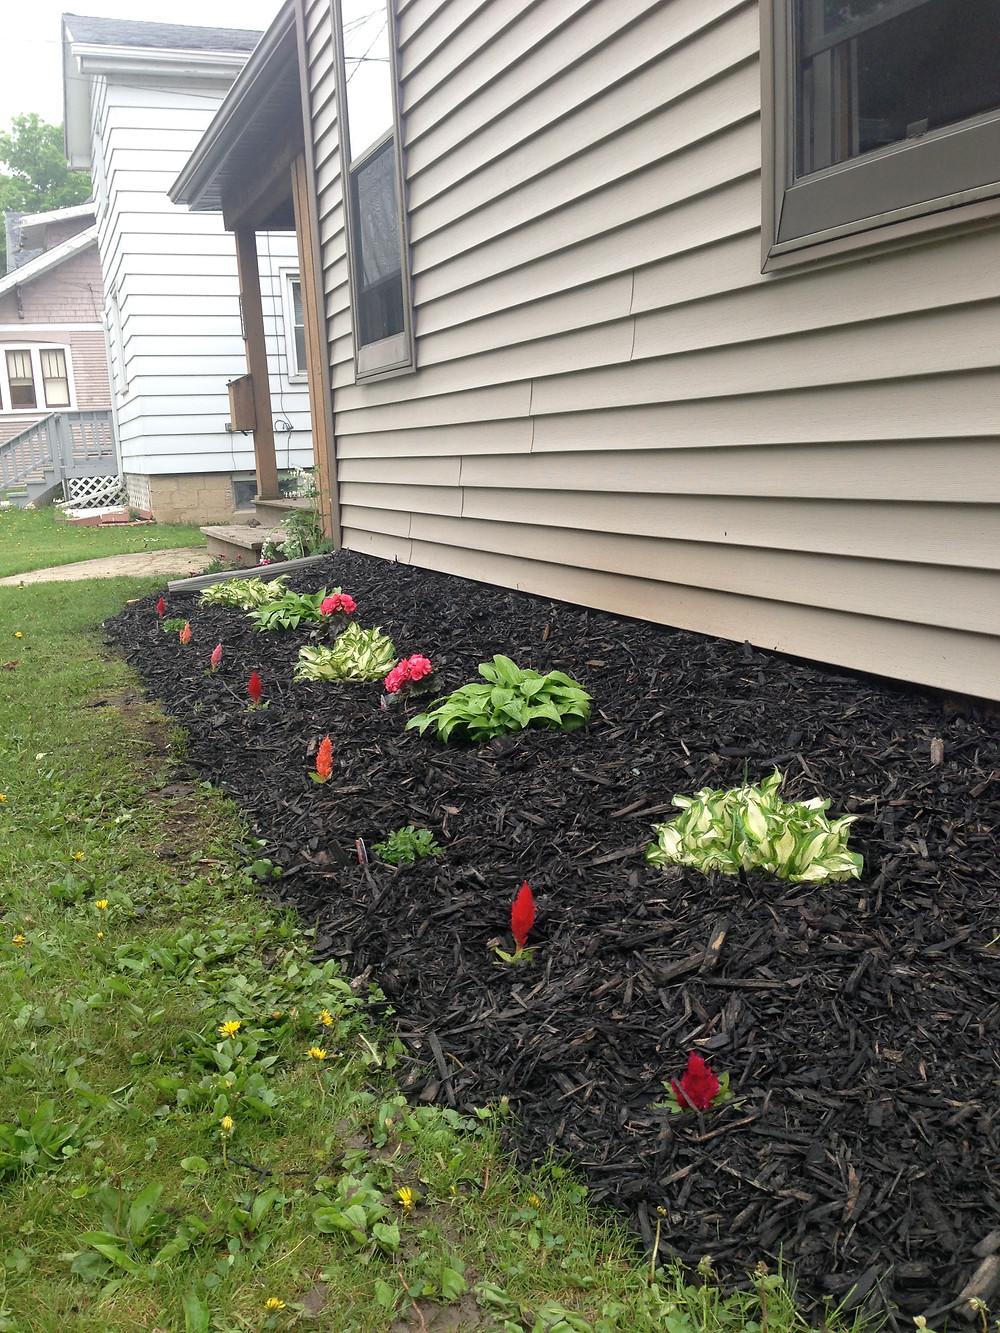 Hostas, begonias, bell flowers